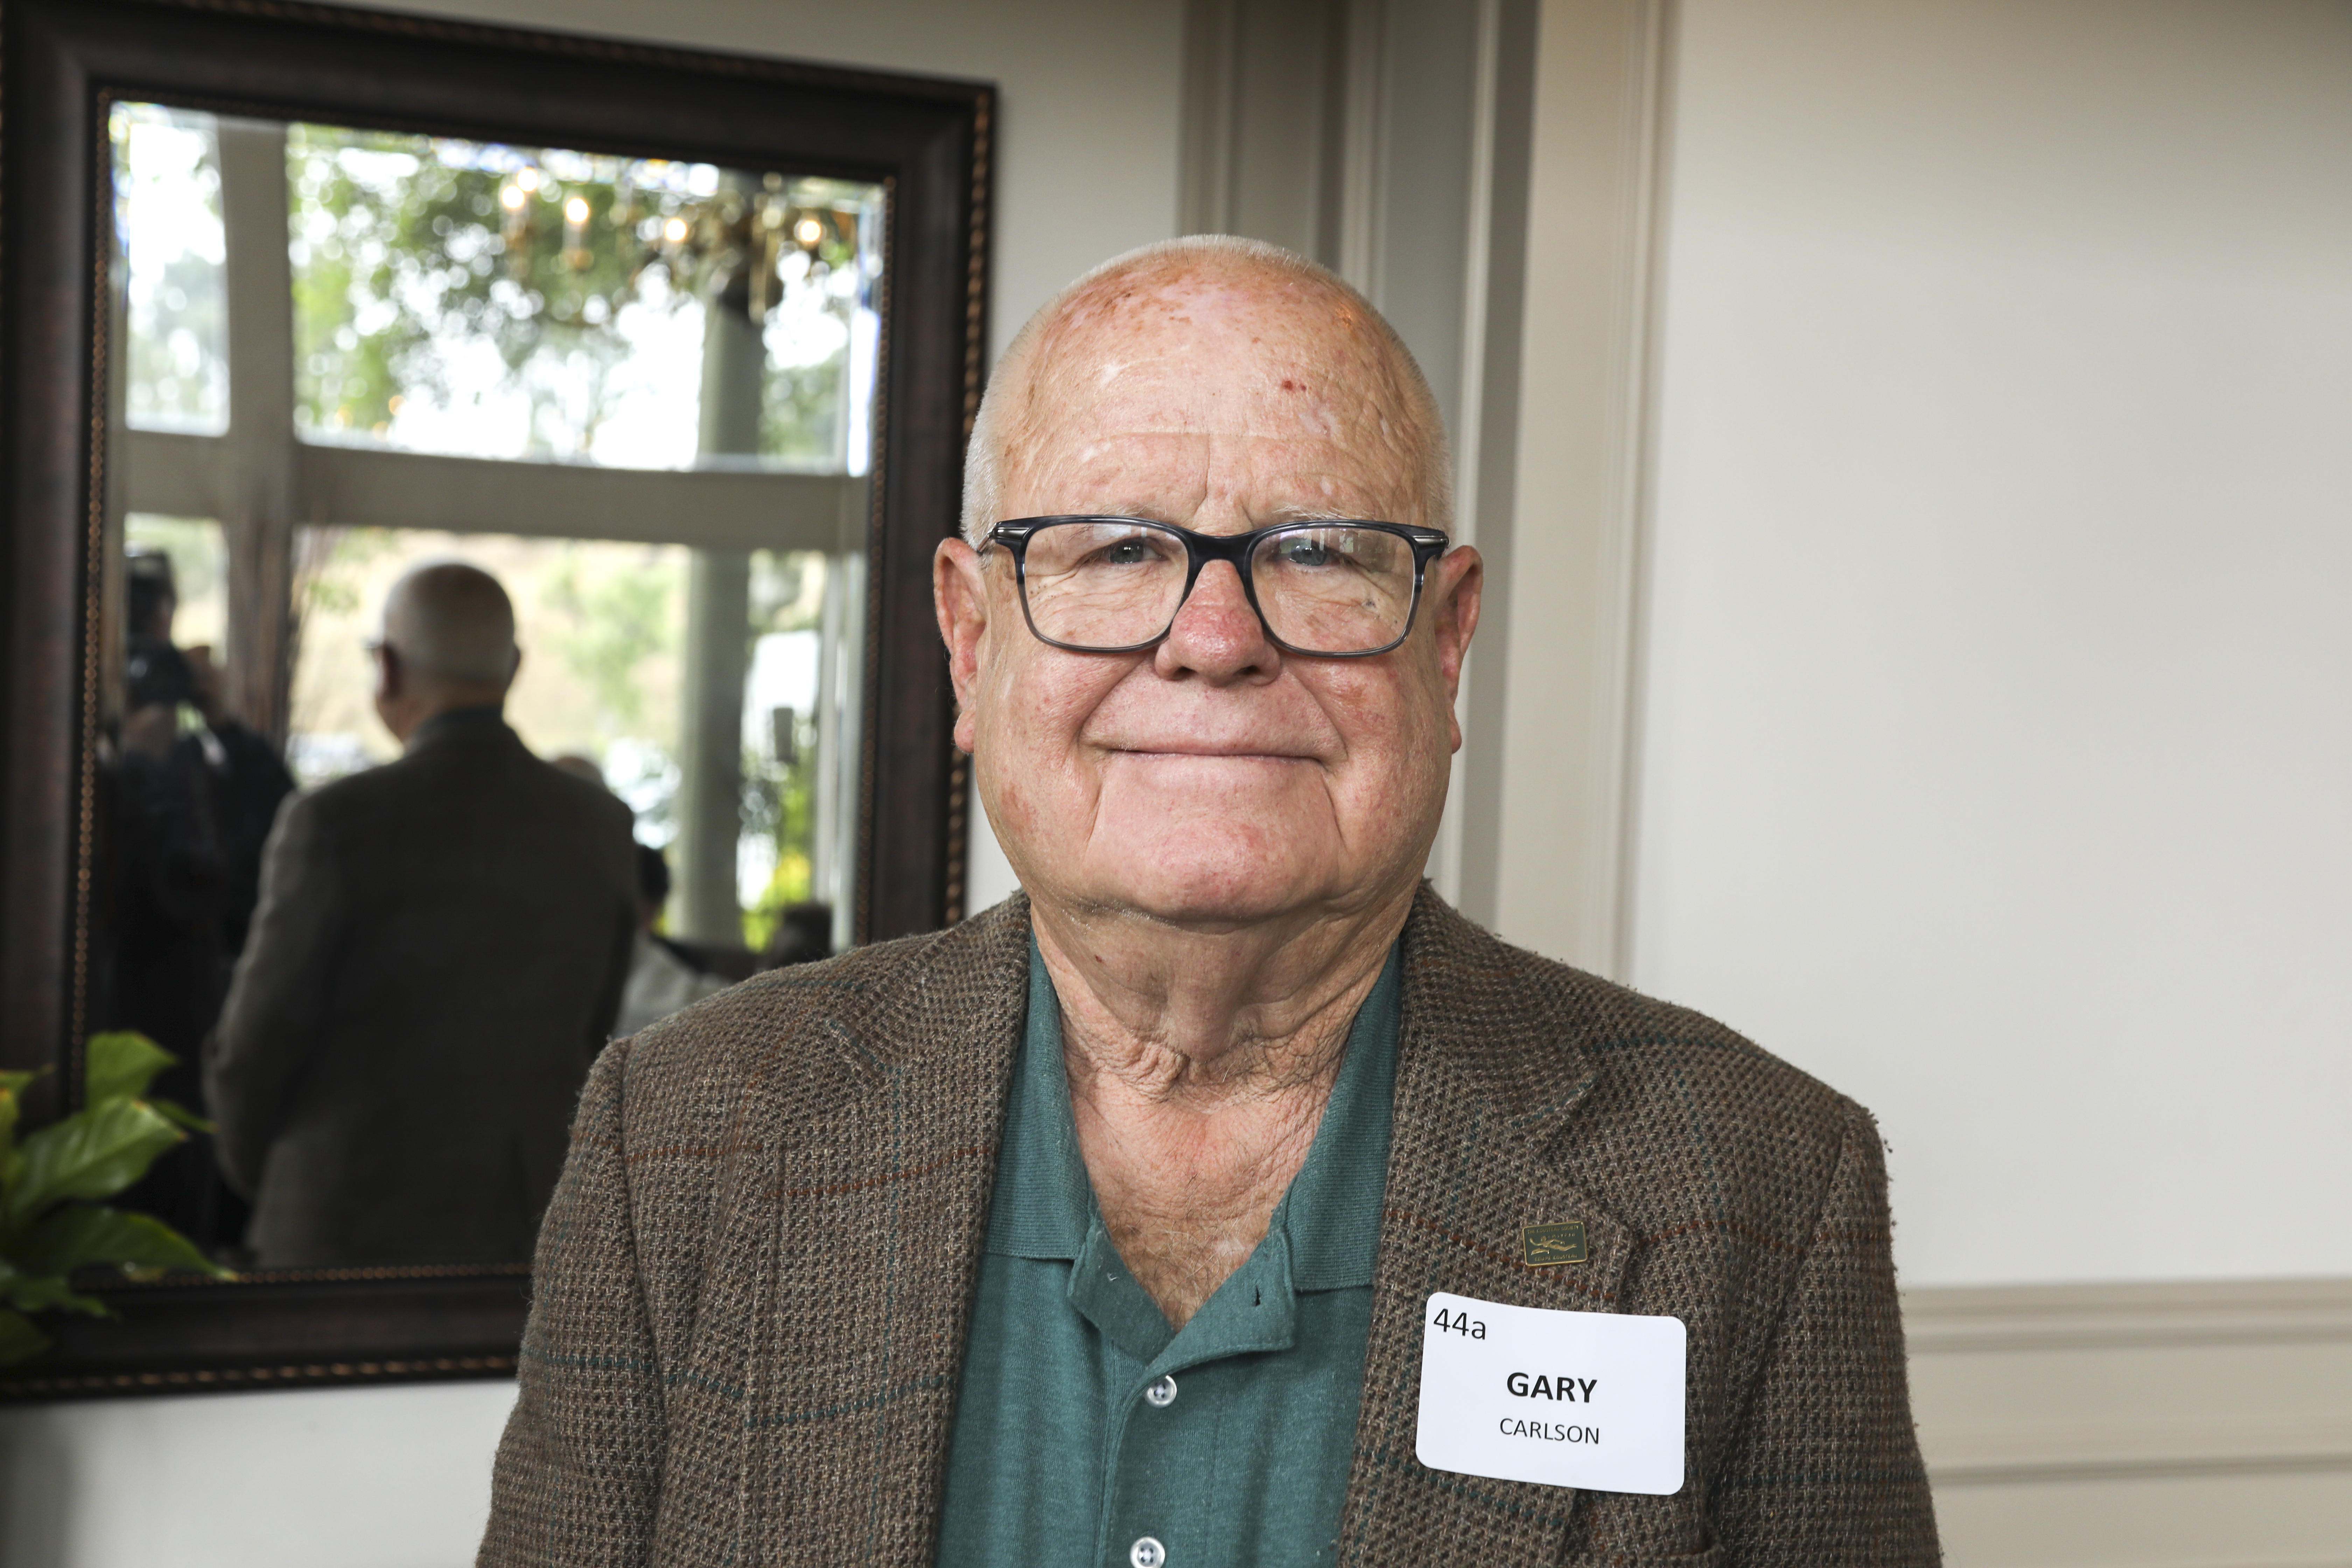 Gary Carlson